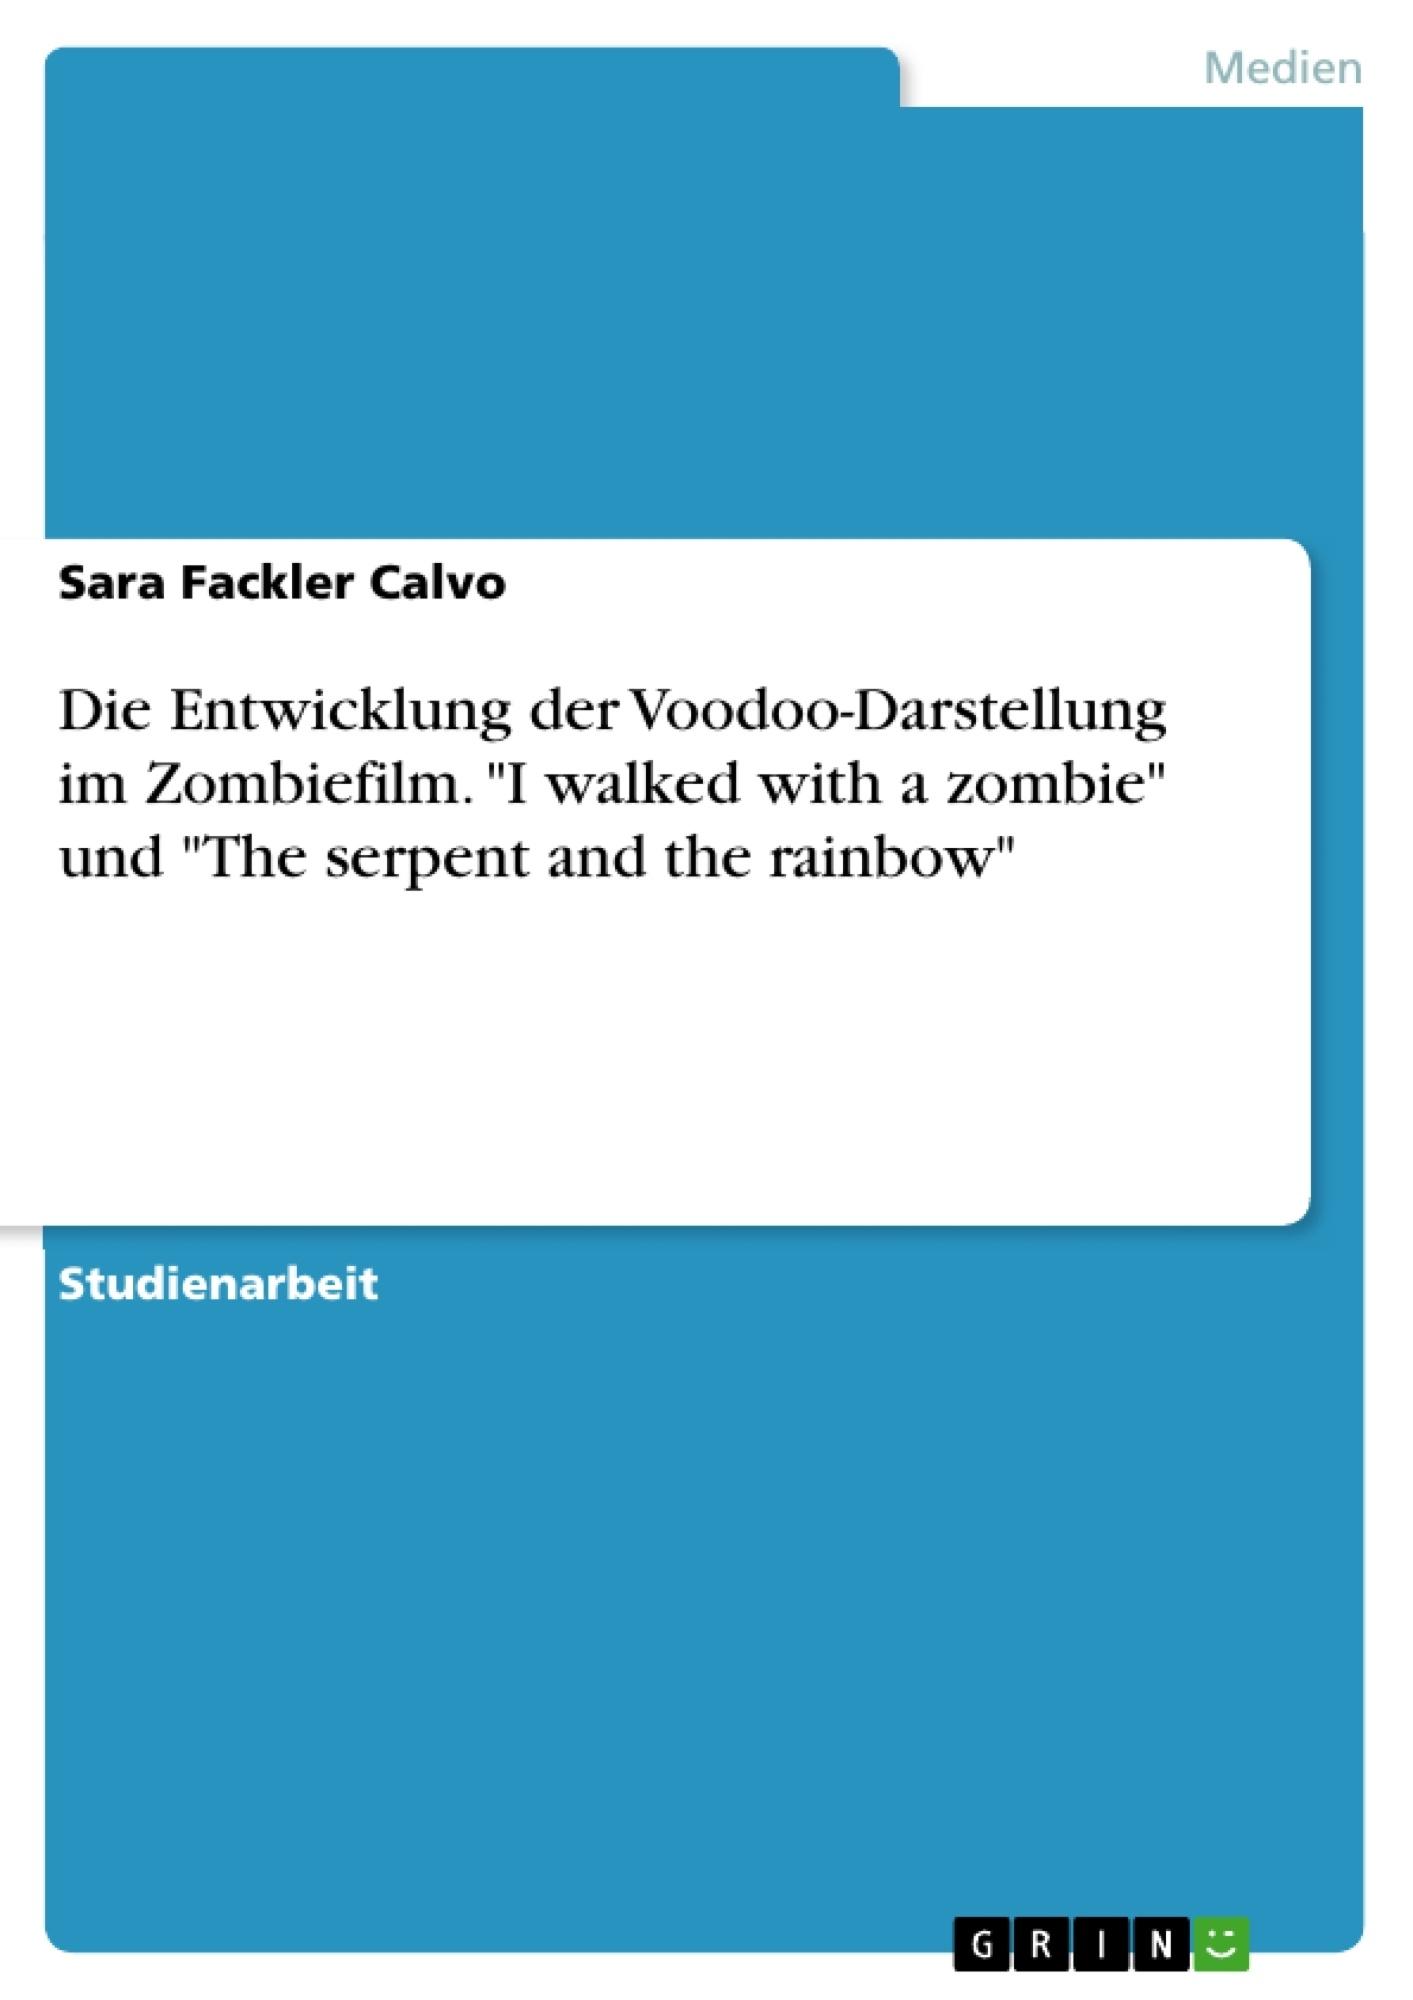 """Titel: Die Entwicklung der Voodoo-Darstellung im Zombiefilm. """"I walked with a zombie"""" und """"The serpent and the rainbow"""""""